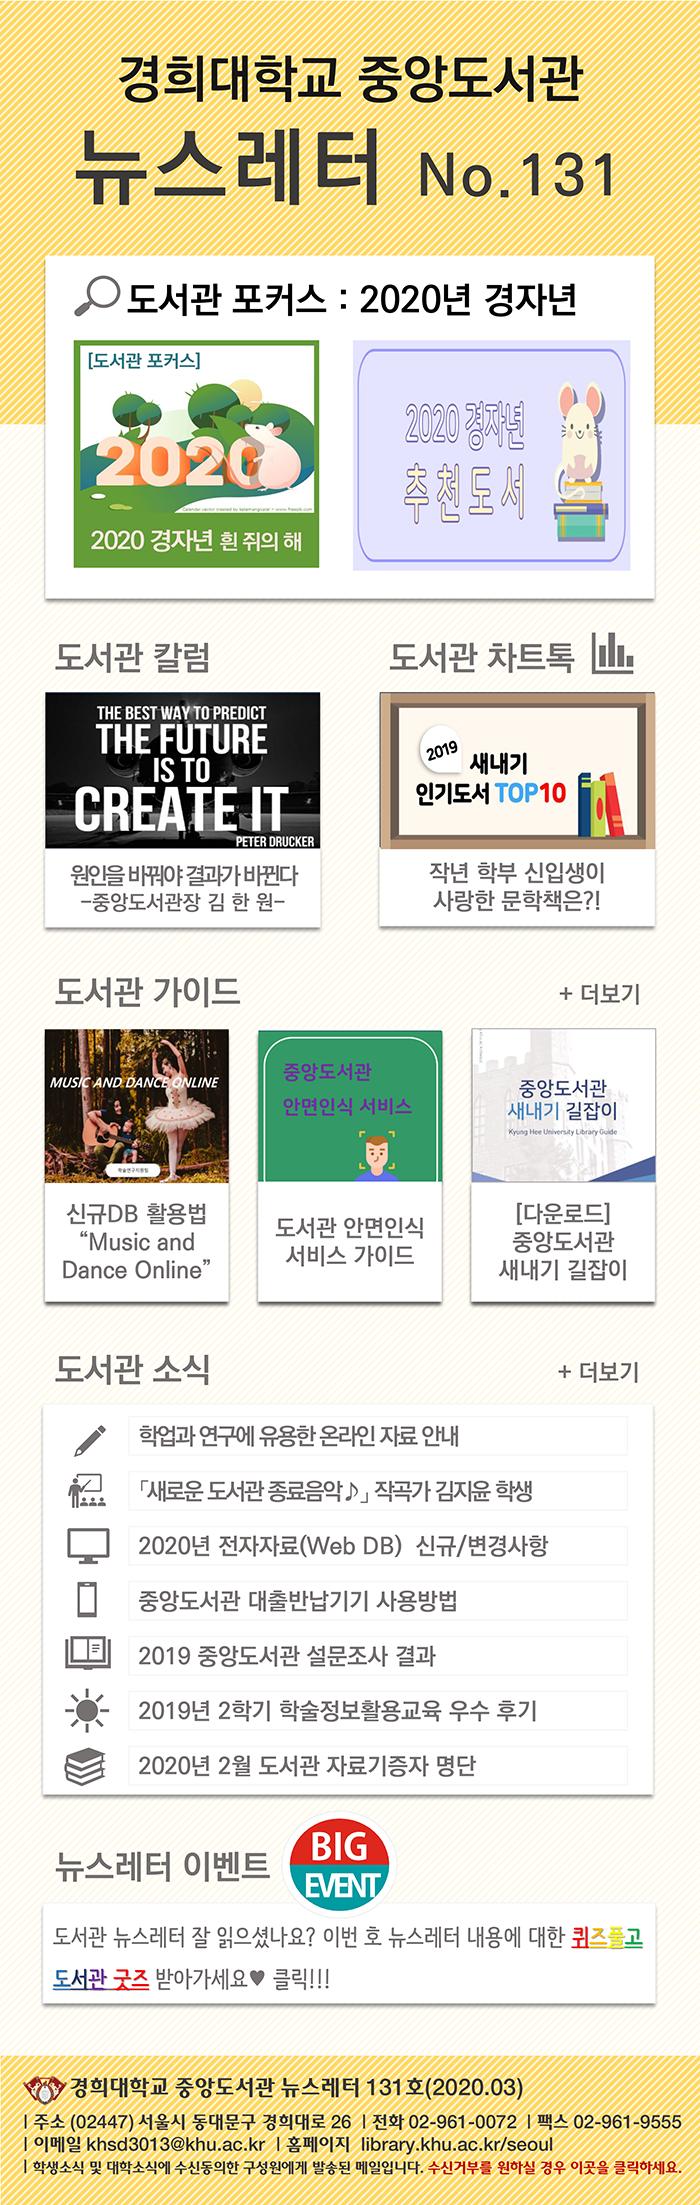 중앙도서관 뉴스레터 131호